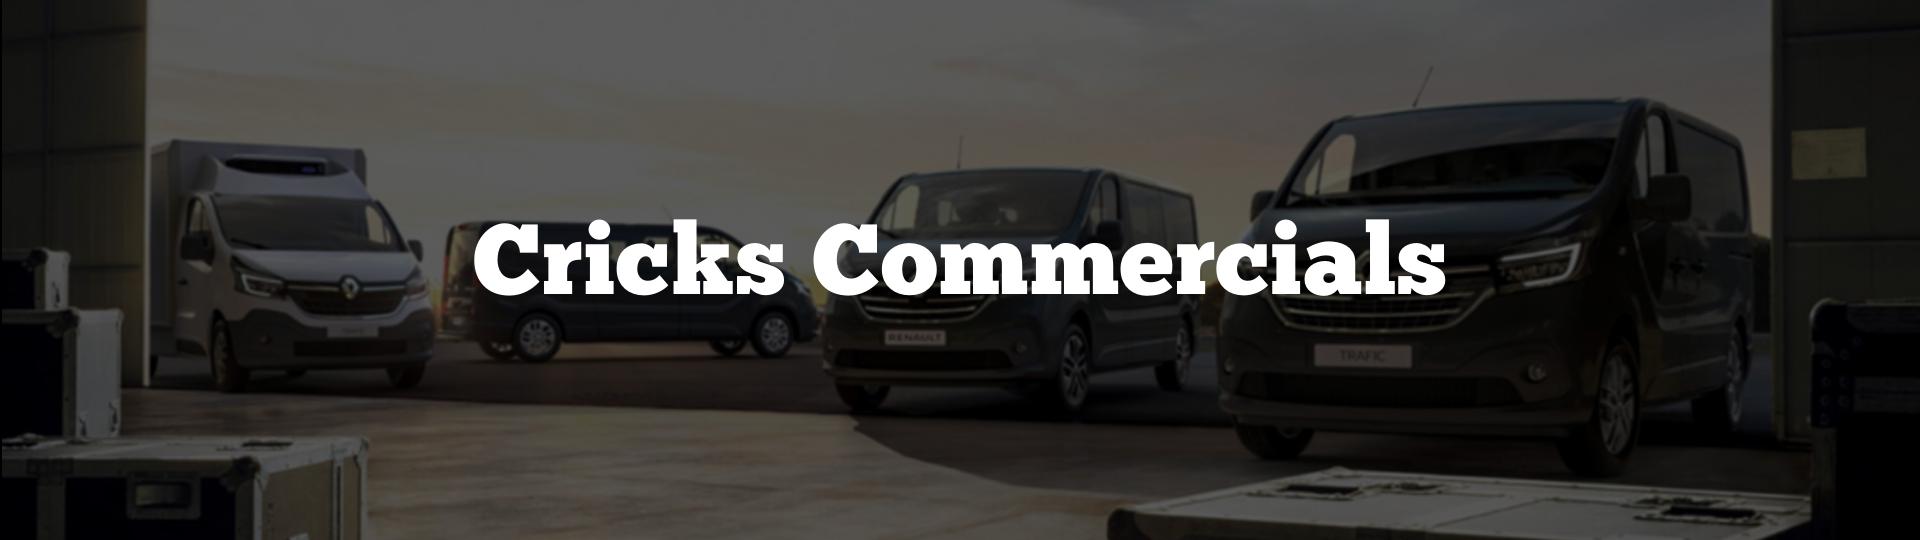 Cricks Commercials